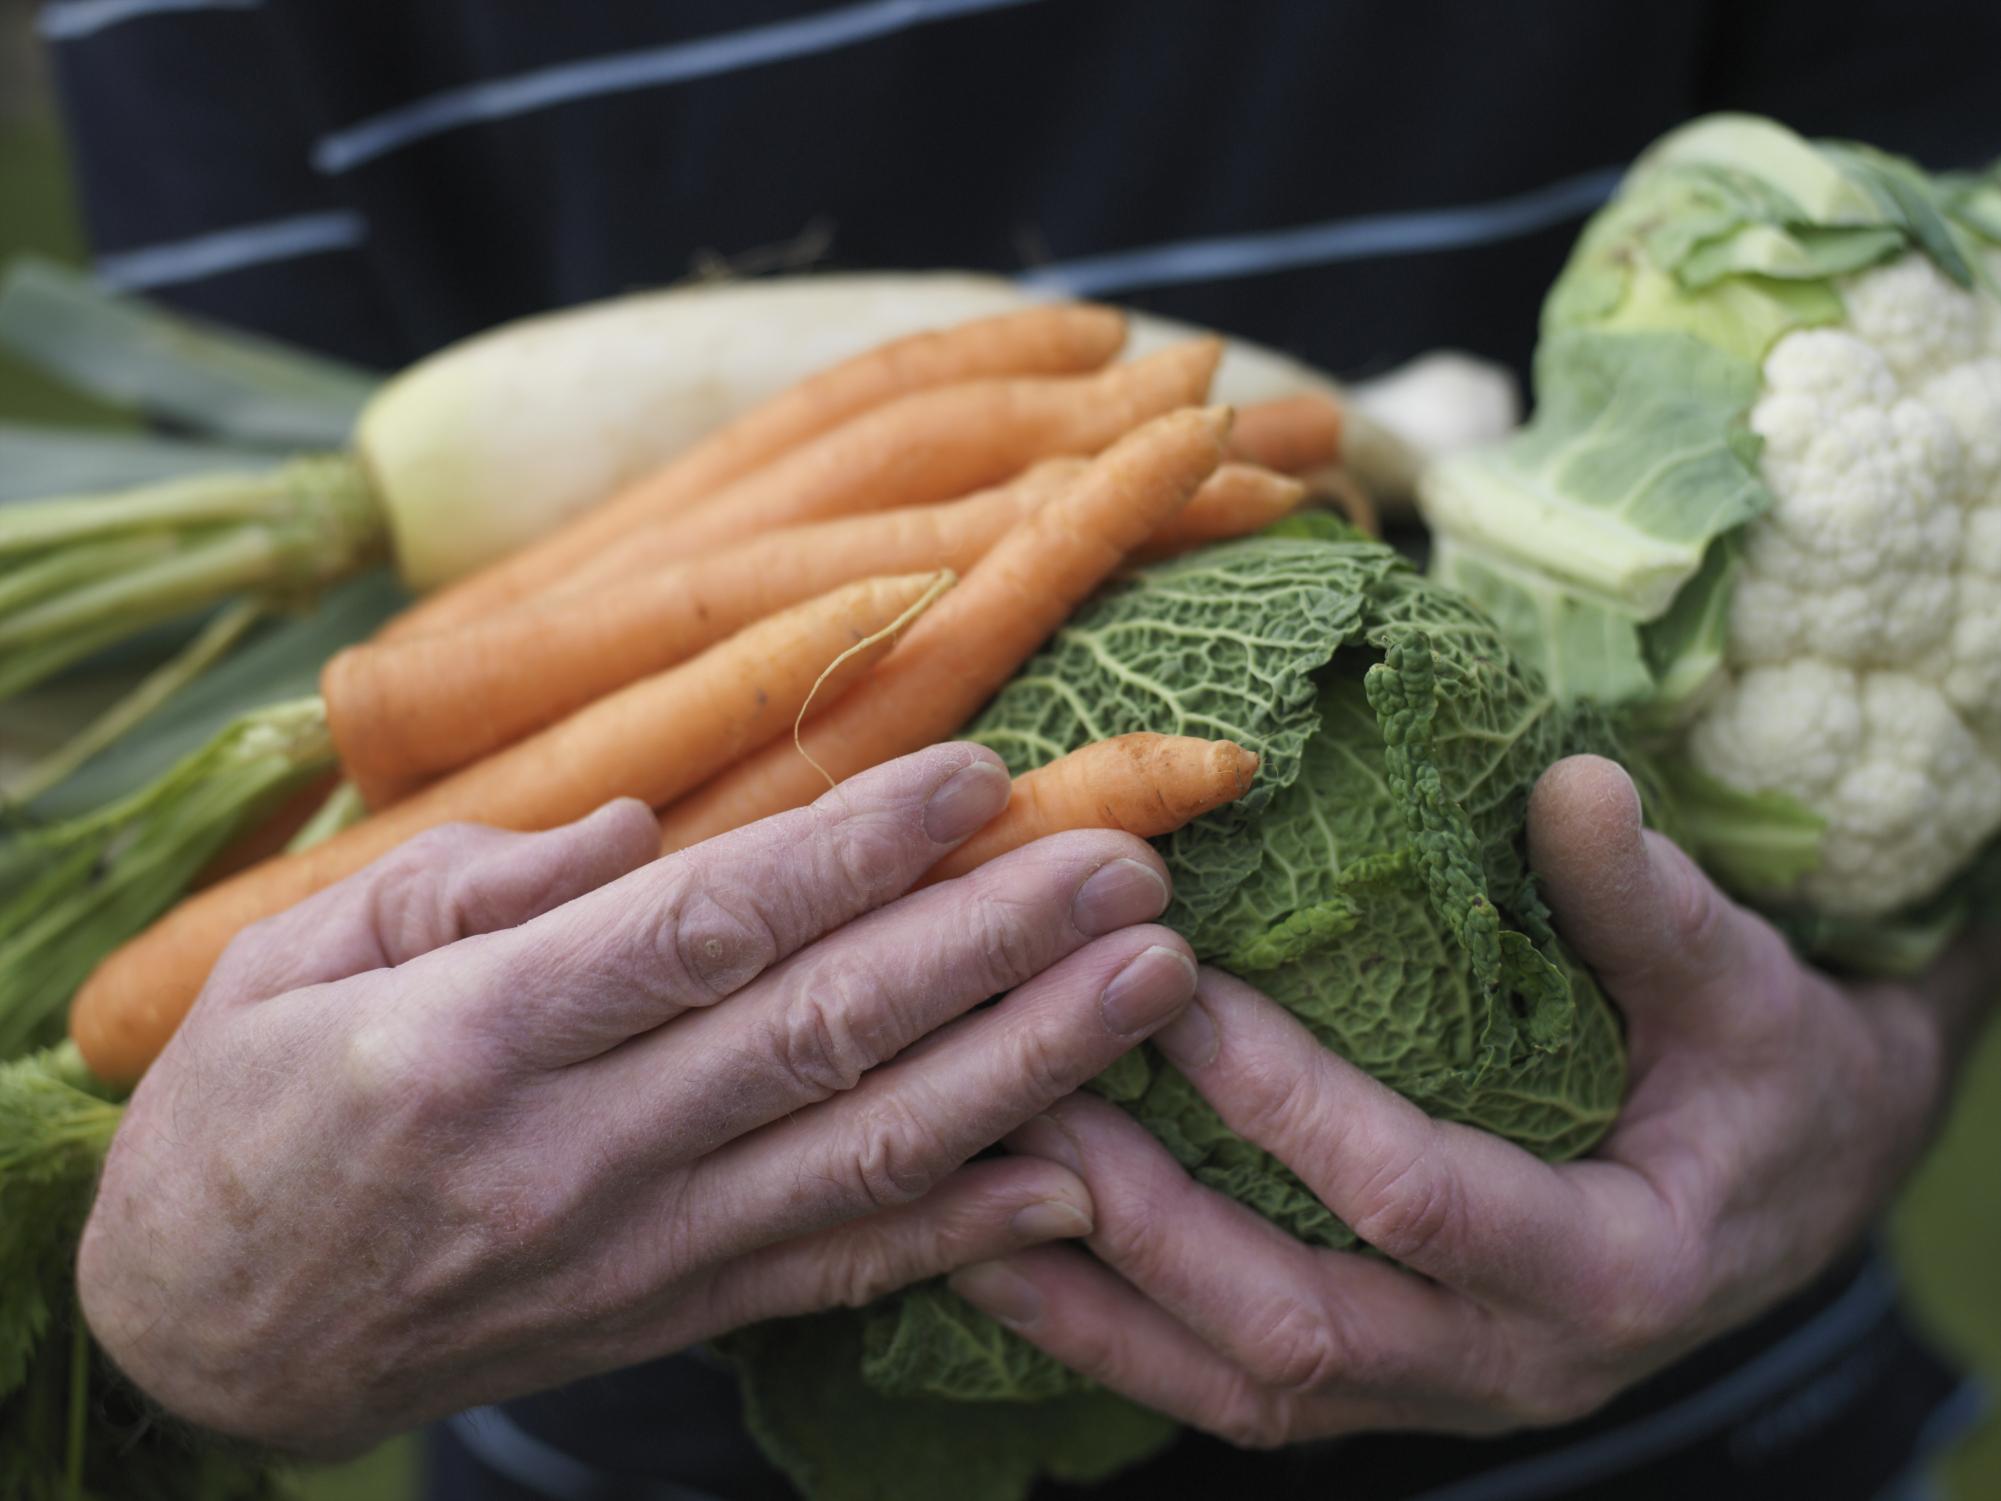 Sindrome metabolica e disturbi alla prostata: curarli con l'alimentazione